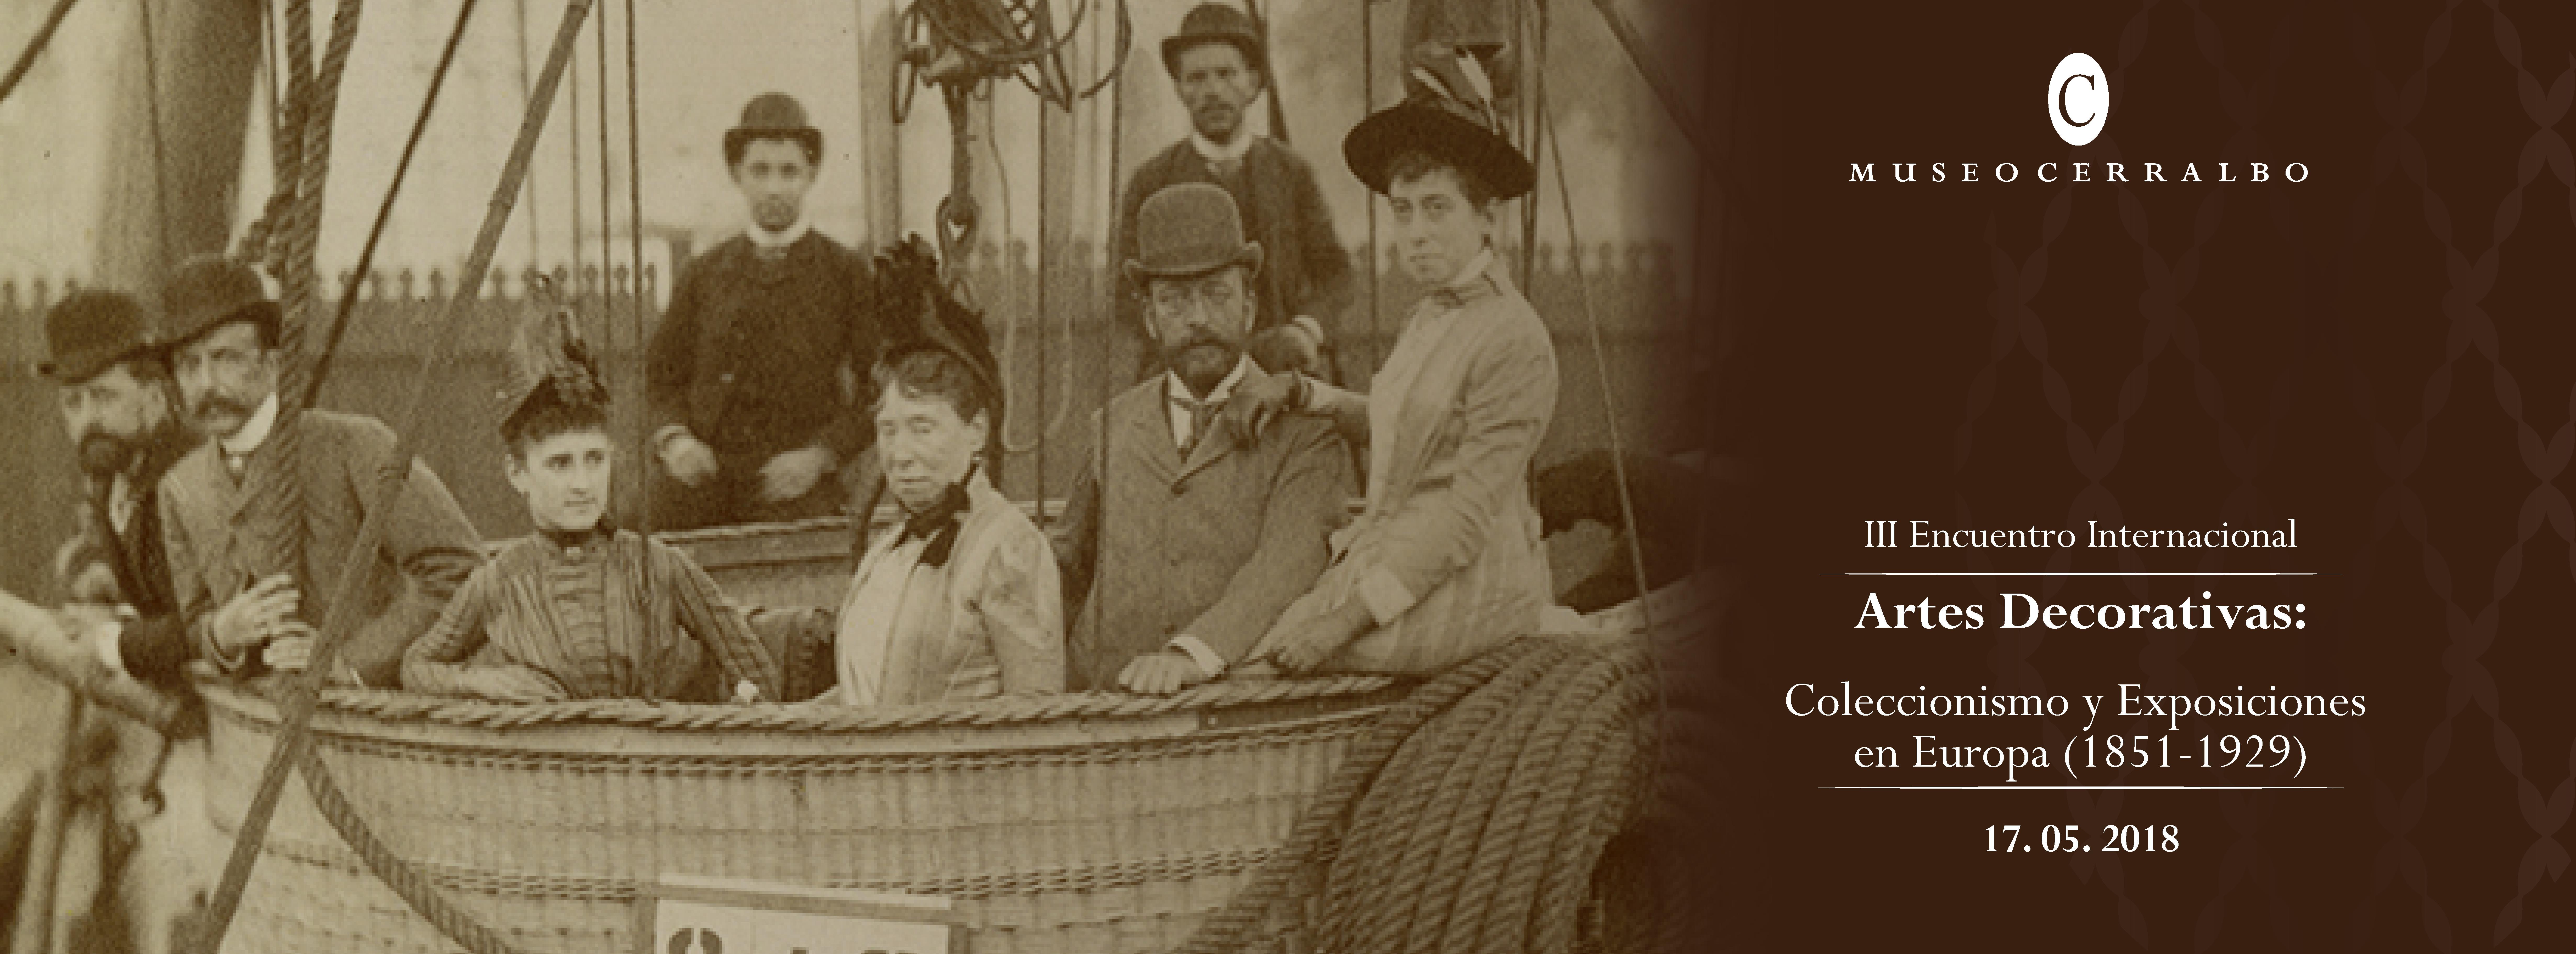 Artes Decorativas – Coleccionismo y Exposiciones en Europa 1851-1929